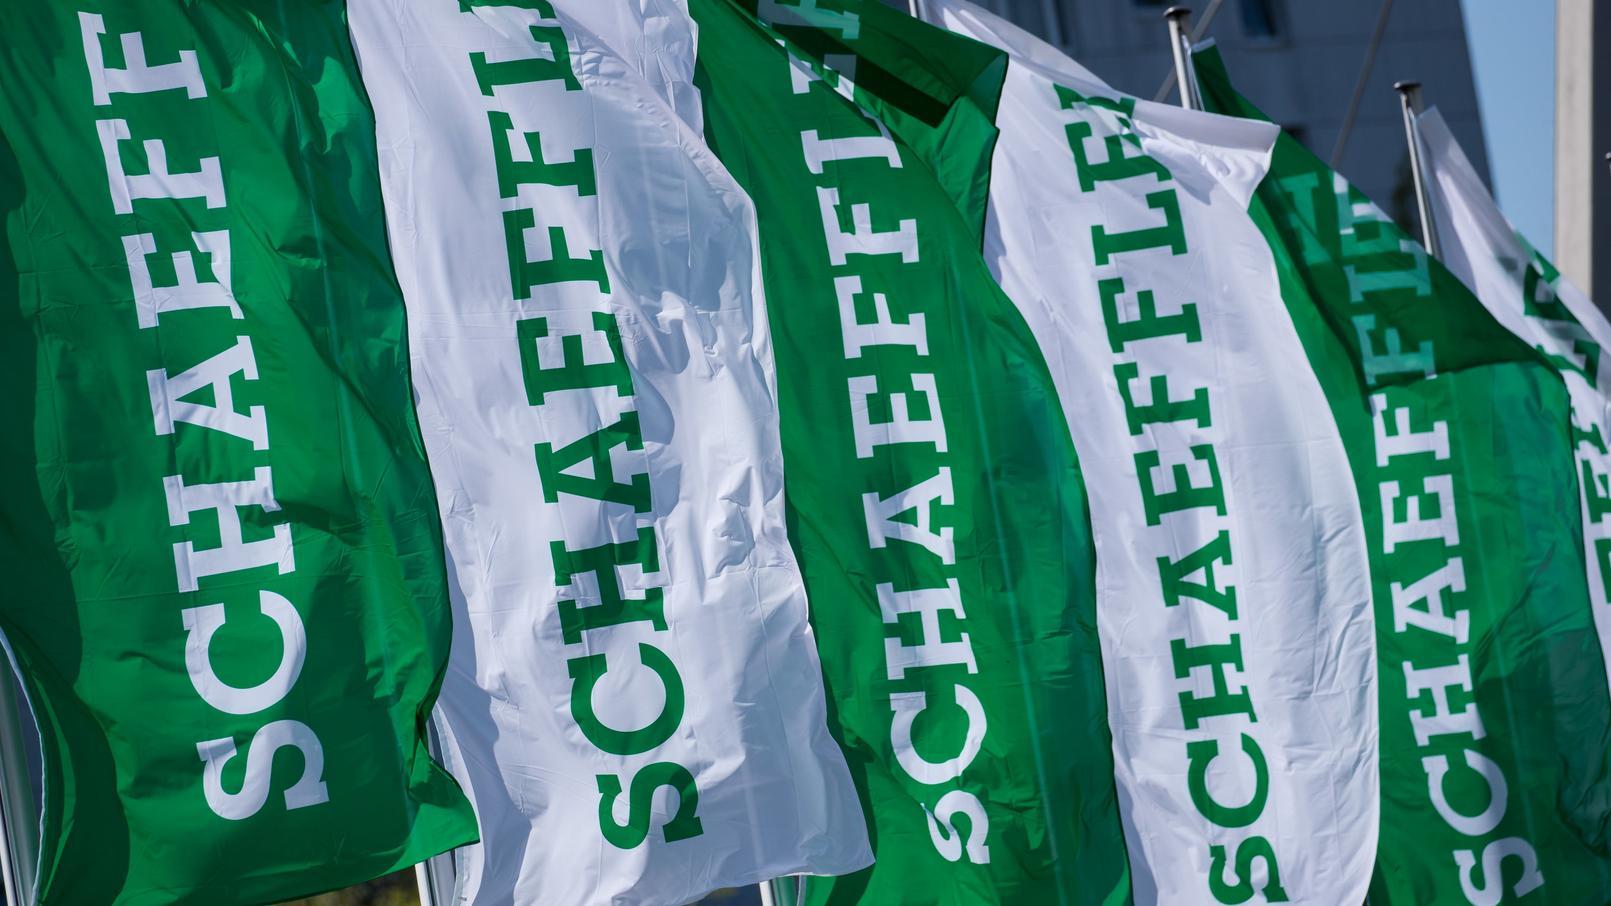 Fahnen mit dem Logo von Schaeffler